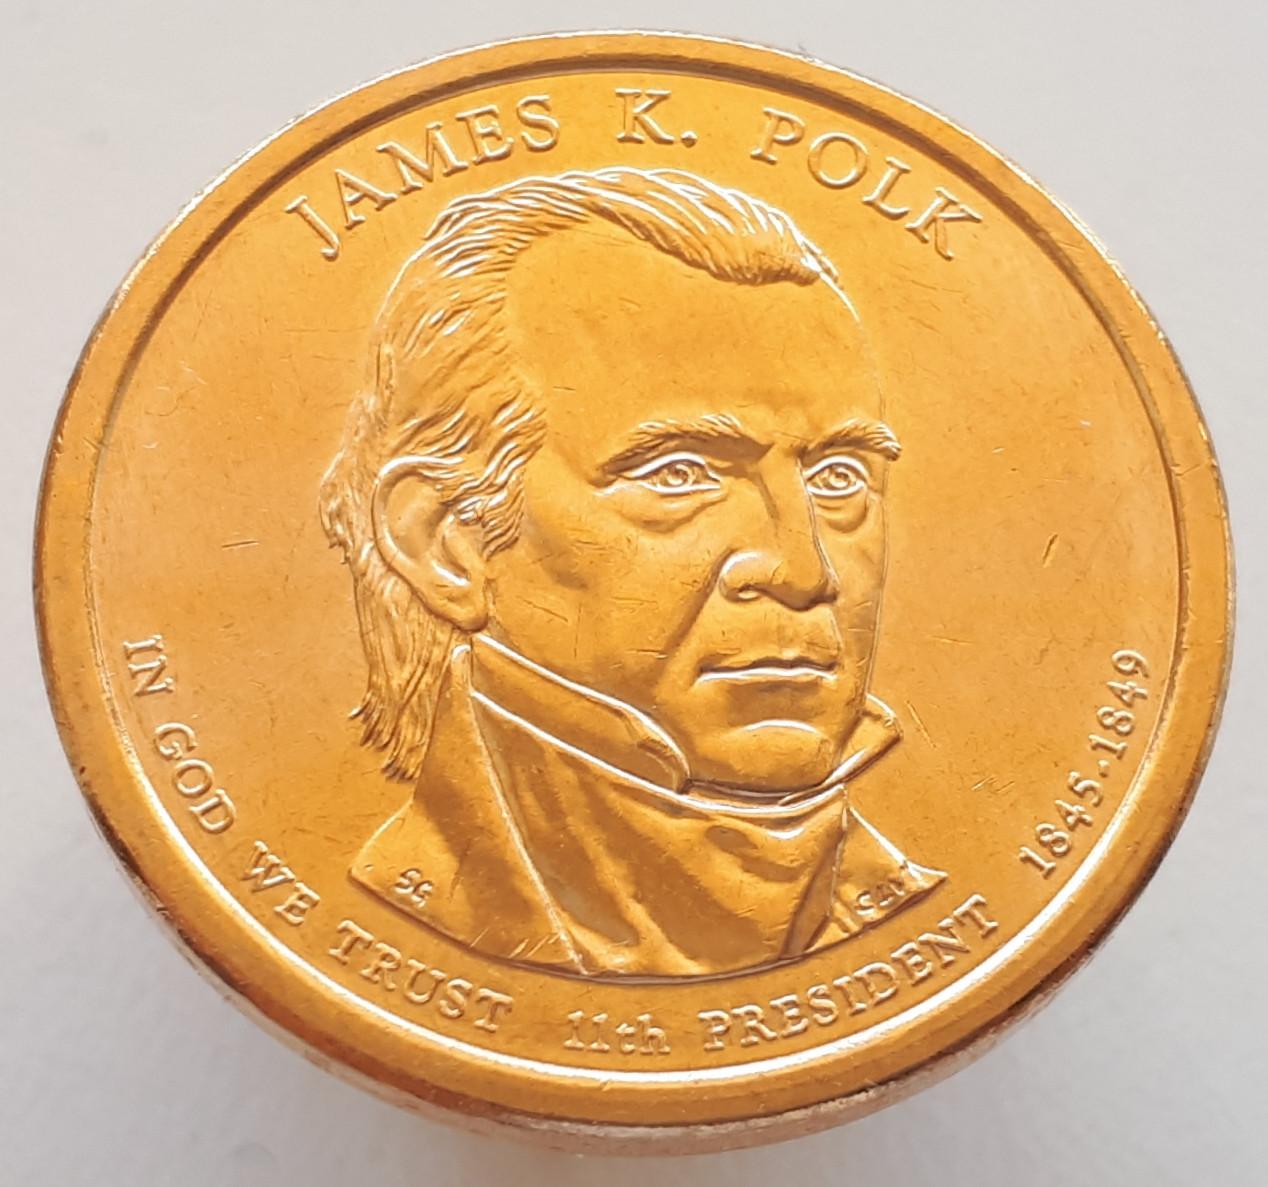 США 1 долар 2009 - Джеймс Нокс Полк 11 Президент